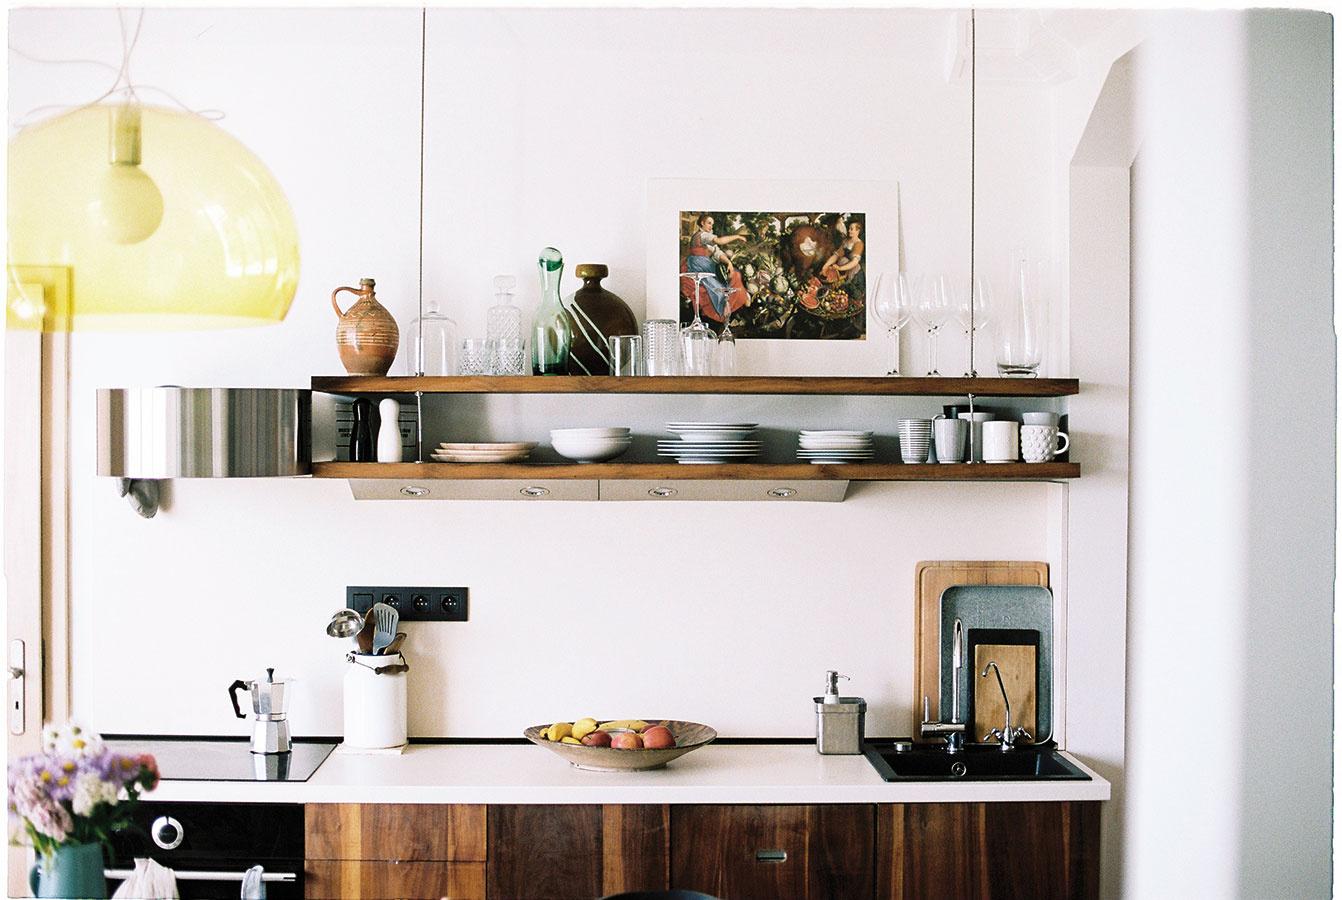 Tematicky. Vtipný spôsob, ako doplniť trebárs prázdne steny v kuchyni, môže byť voľba prvkov s podobnou témou. Reprodukciu Ženy so zeleninou a ovocím od Joachima Beuckelaera je možné objednať na www.webumenia.sk.